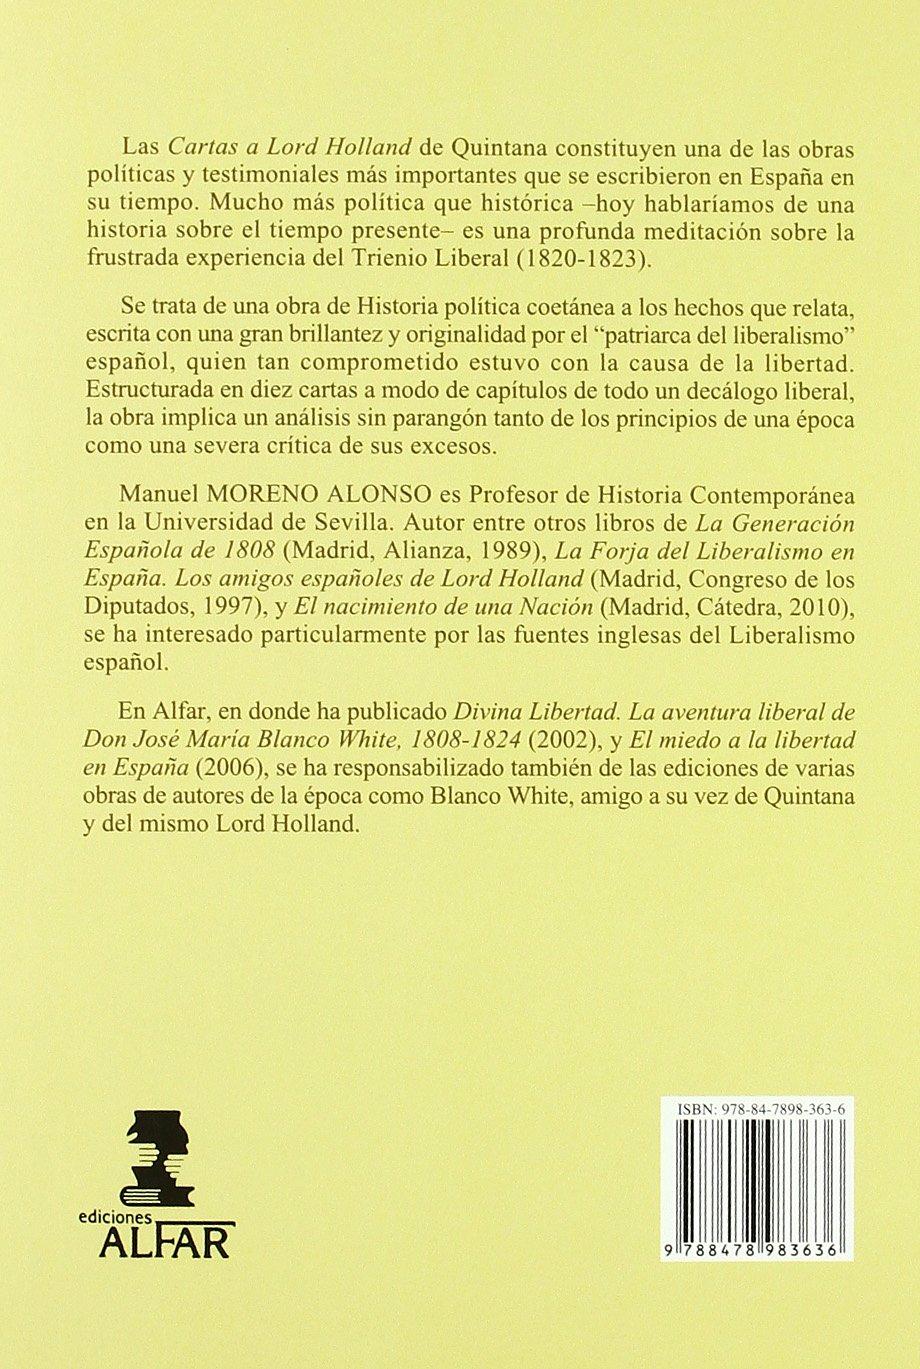 Cartas a Lord Holland sobre los sucesos políticos de España en la segunda época constitucional Mapa y Calendario: Amazon.es: Quintana y Lorenzo, Manuel José, Moreno Alonso, Manuel: Libros